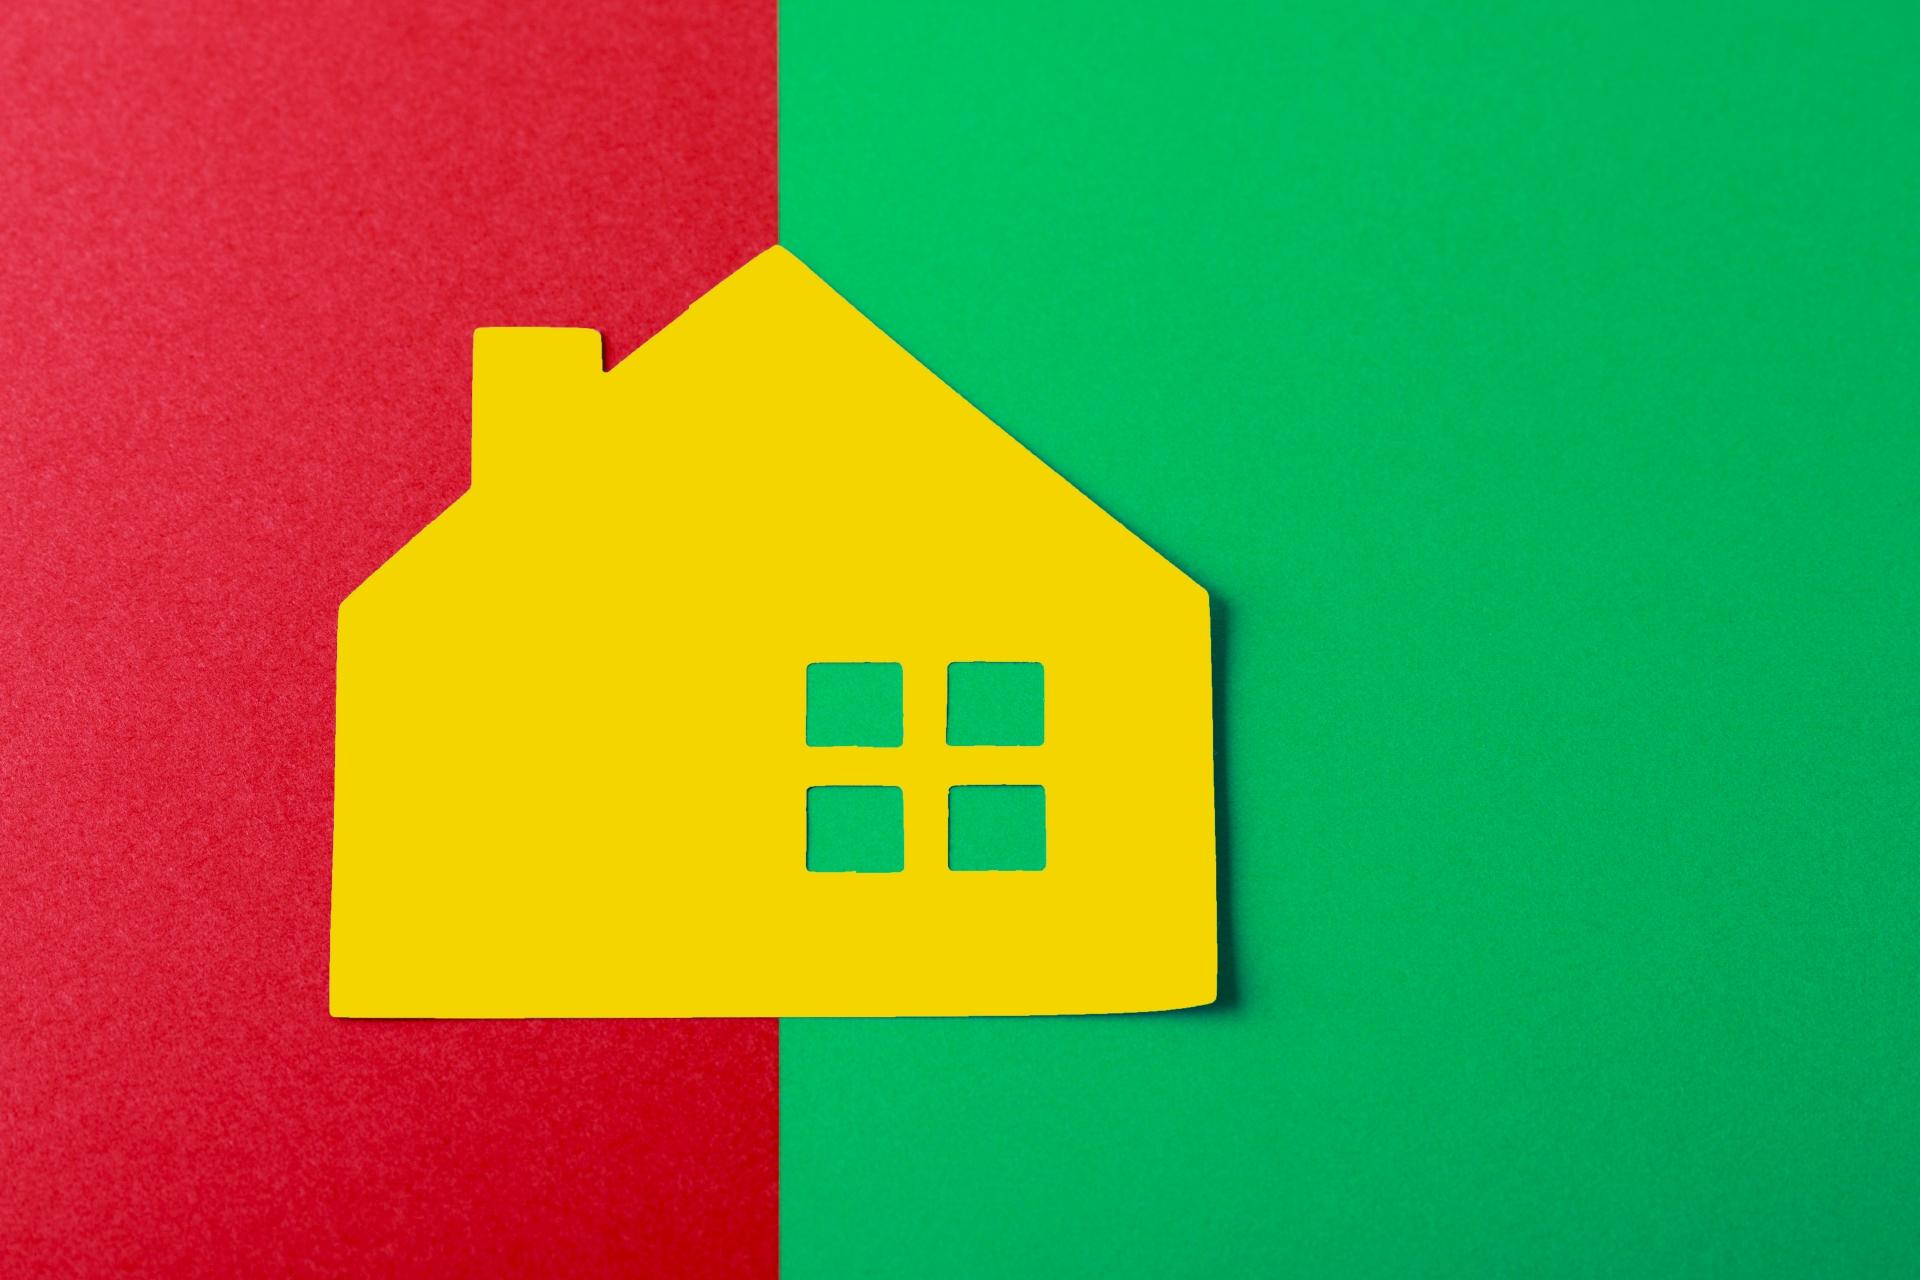 派手にしたくない方必見!外壁色の選び方やデザインのコツを徹底解説